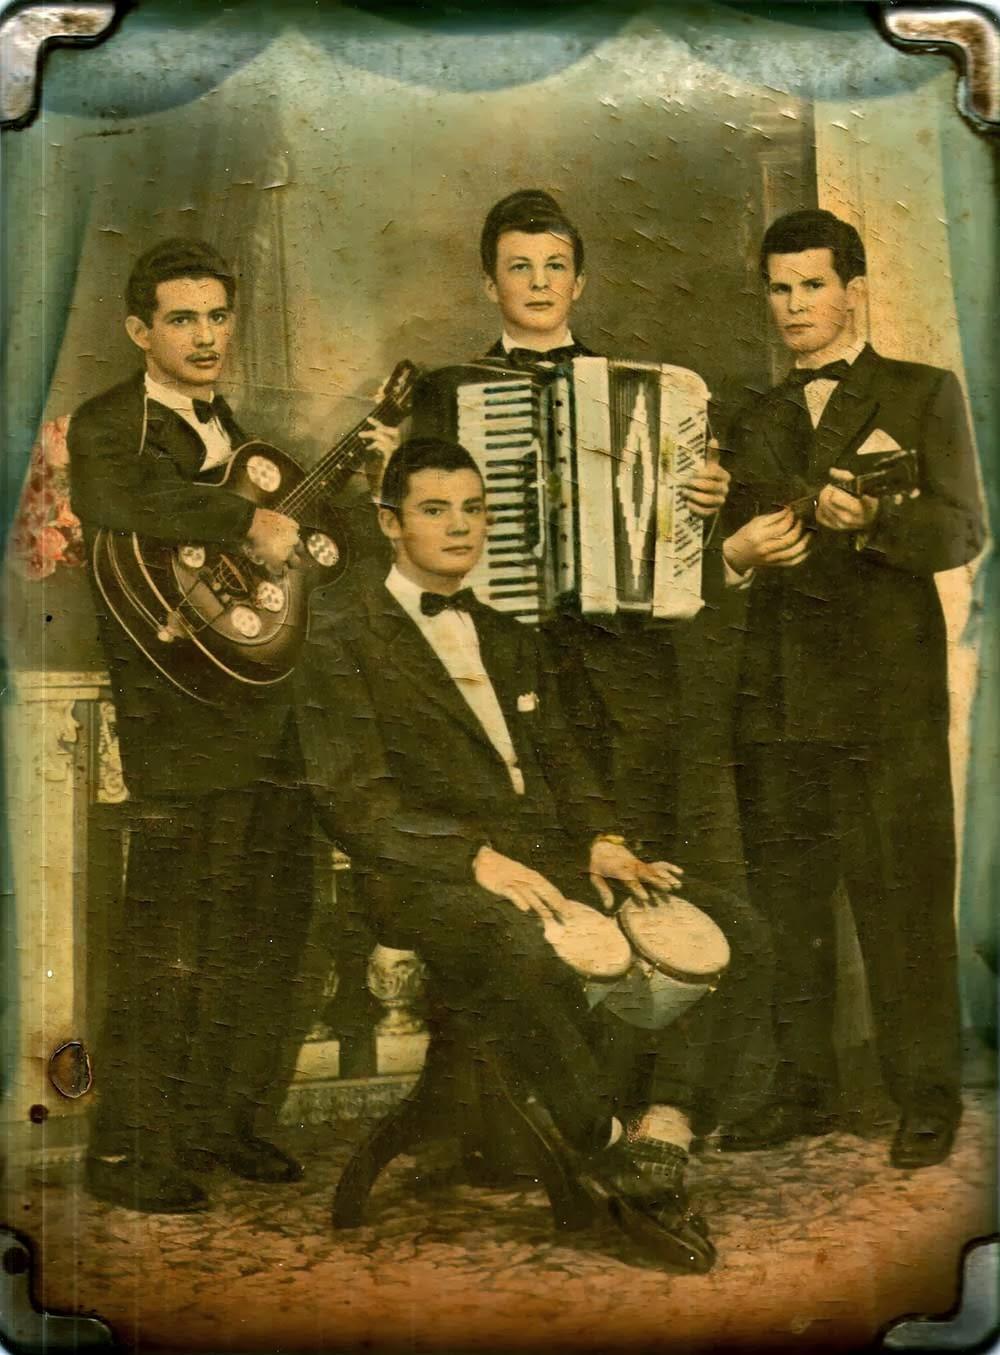 Vila Santa Isabel, Música Popular Brasileira, Conjuntos Musicais, História de São Paulo, Zona Leste de São Paulo, Vila Formosa, Vila Carrão